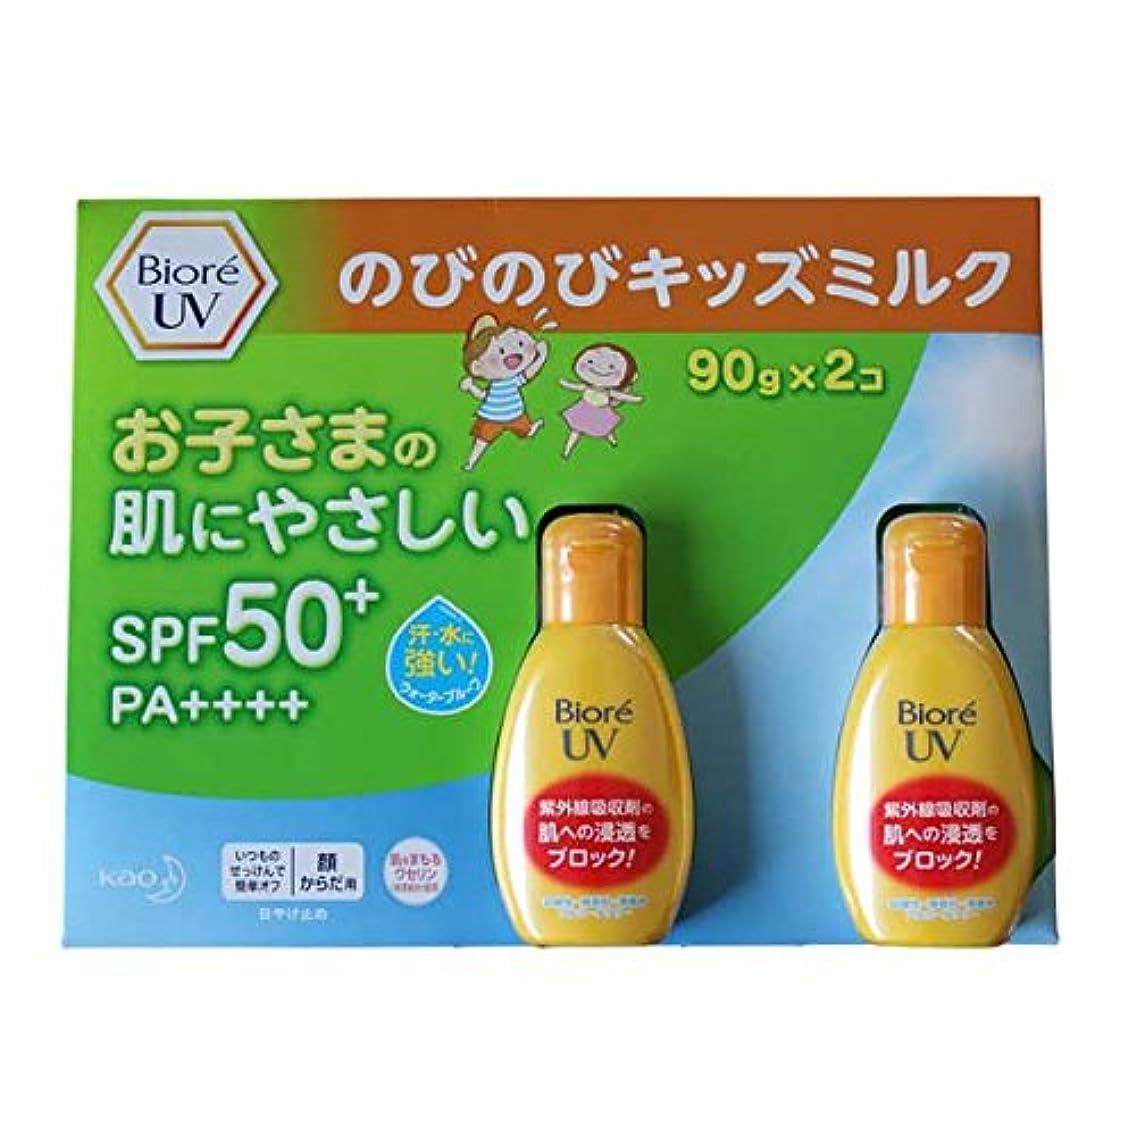 花王 ビオレ UV のびのびキッズミルク 日焼け止め乳液 SPF50+ PA++++ 90gx2本セット 強力紫外線カット